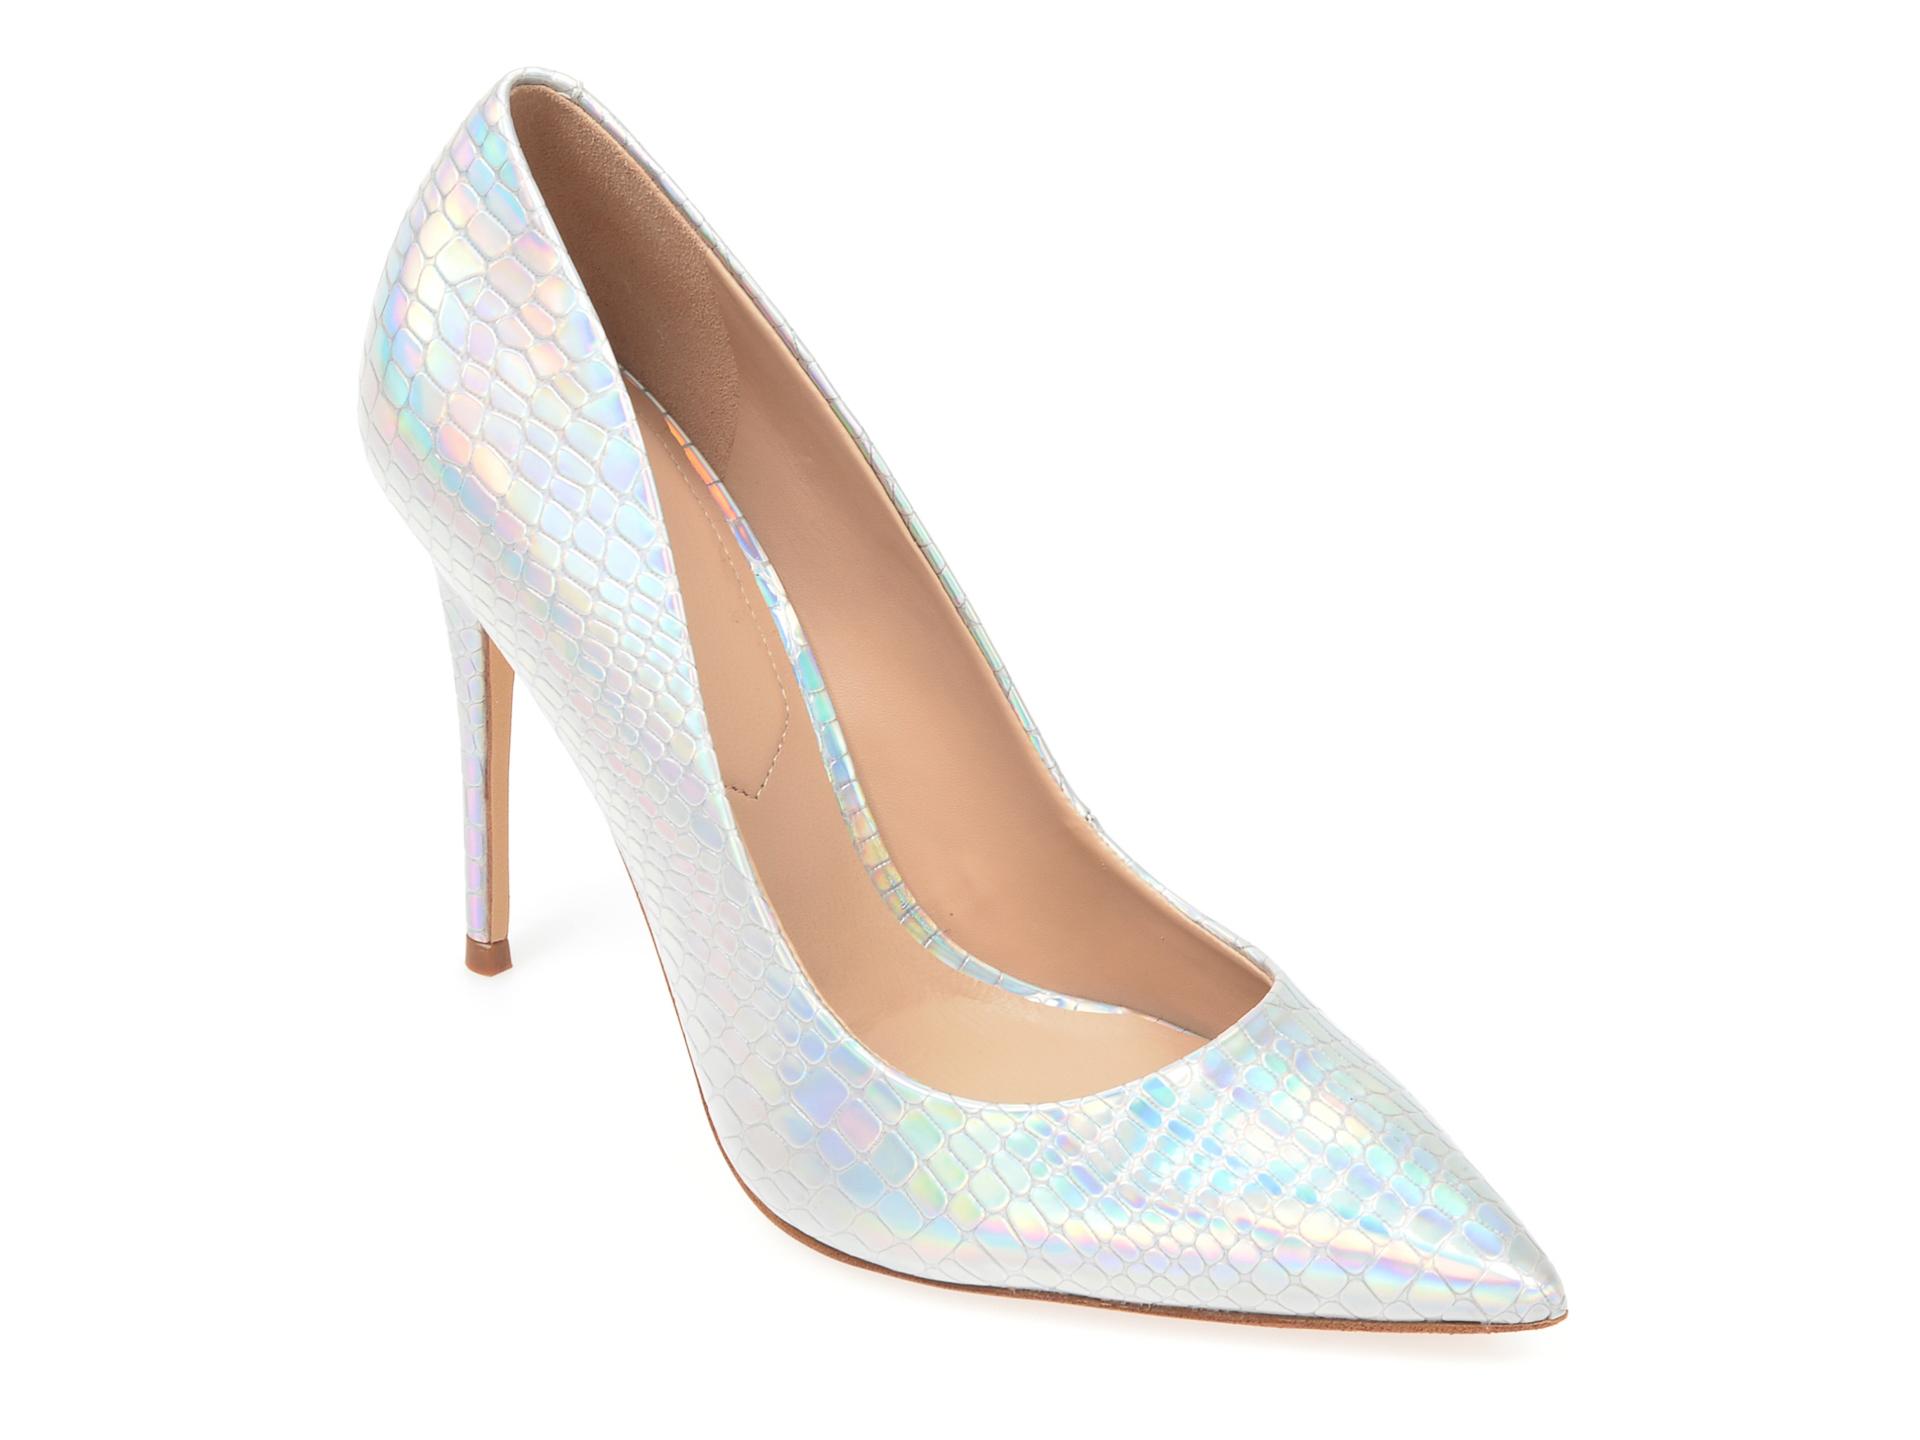 Pantofi ALDO argintii, Stessy_042, din piele ecologica